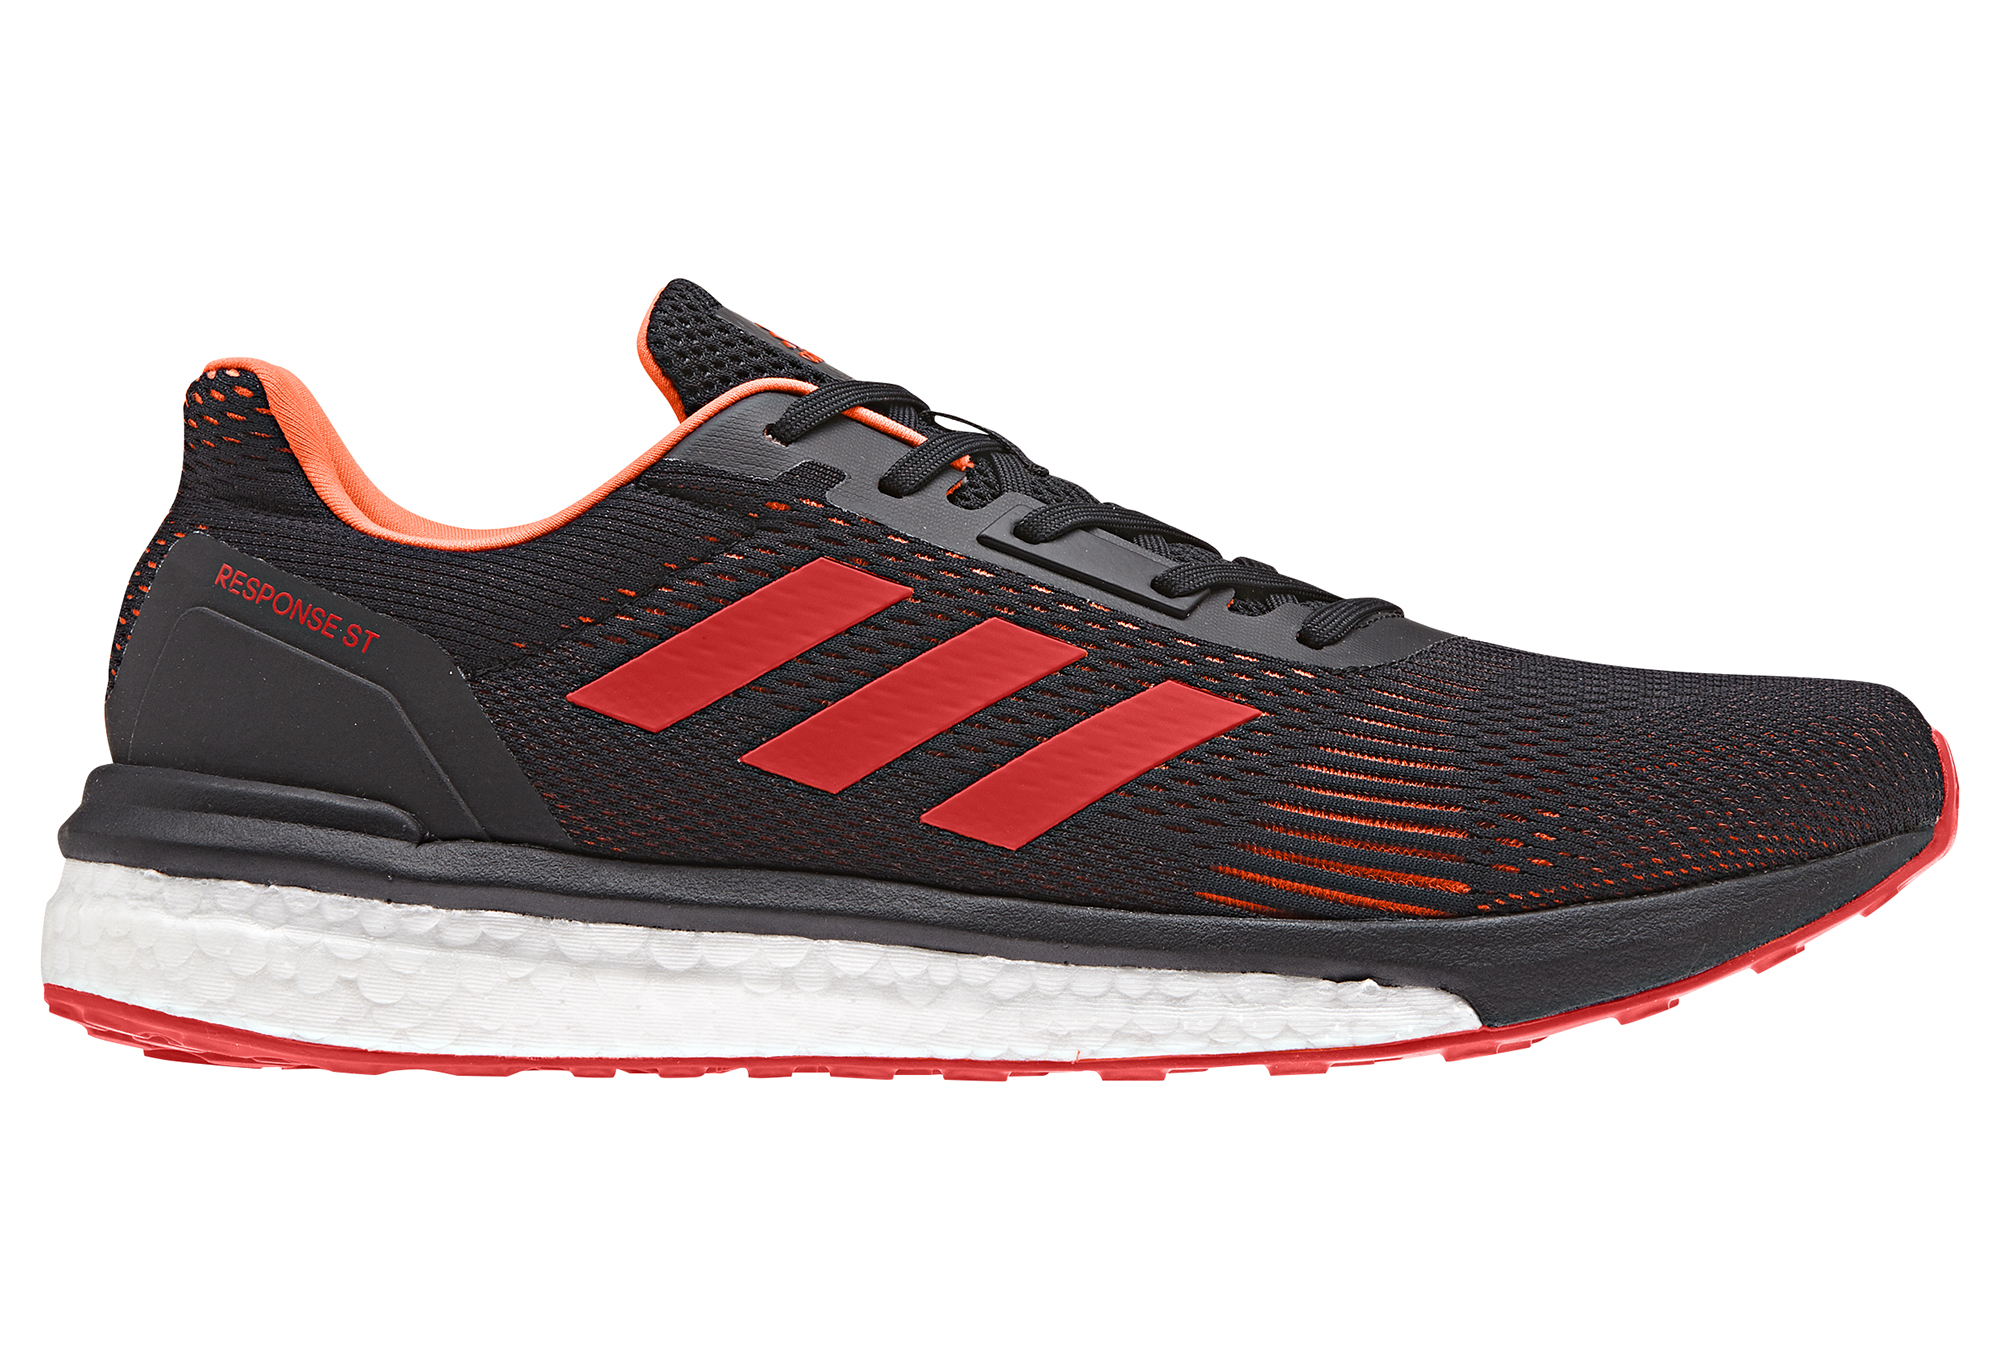 Rouge St Noir Adidas De Running Response Chaussures TlK3F5u1Jc